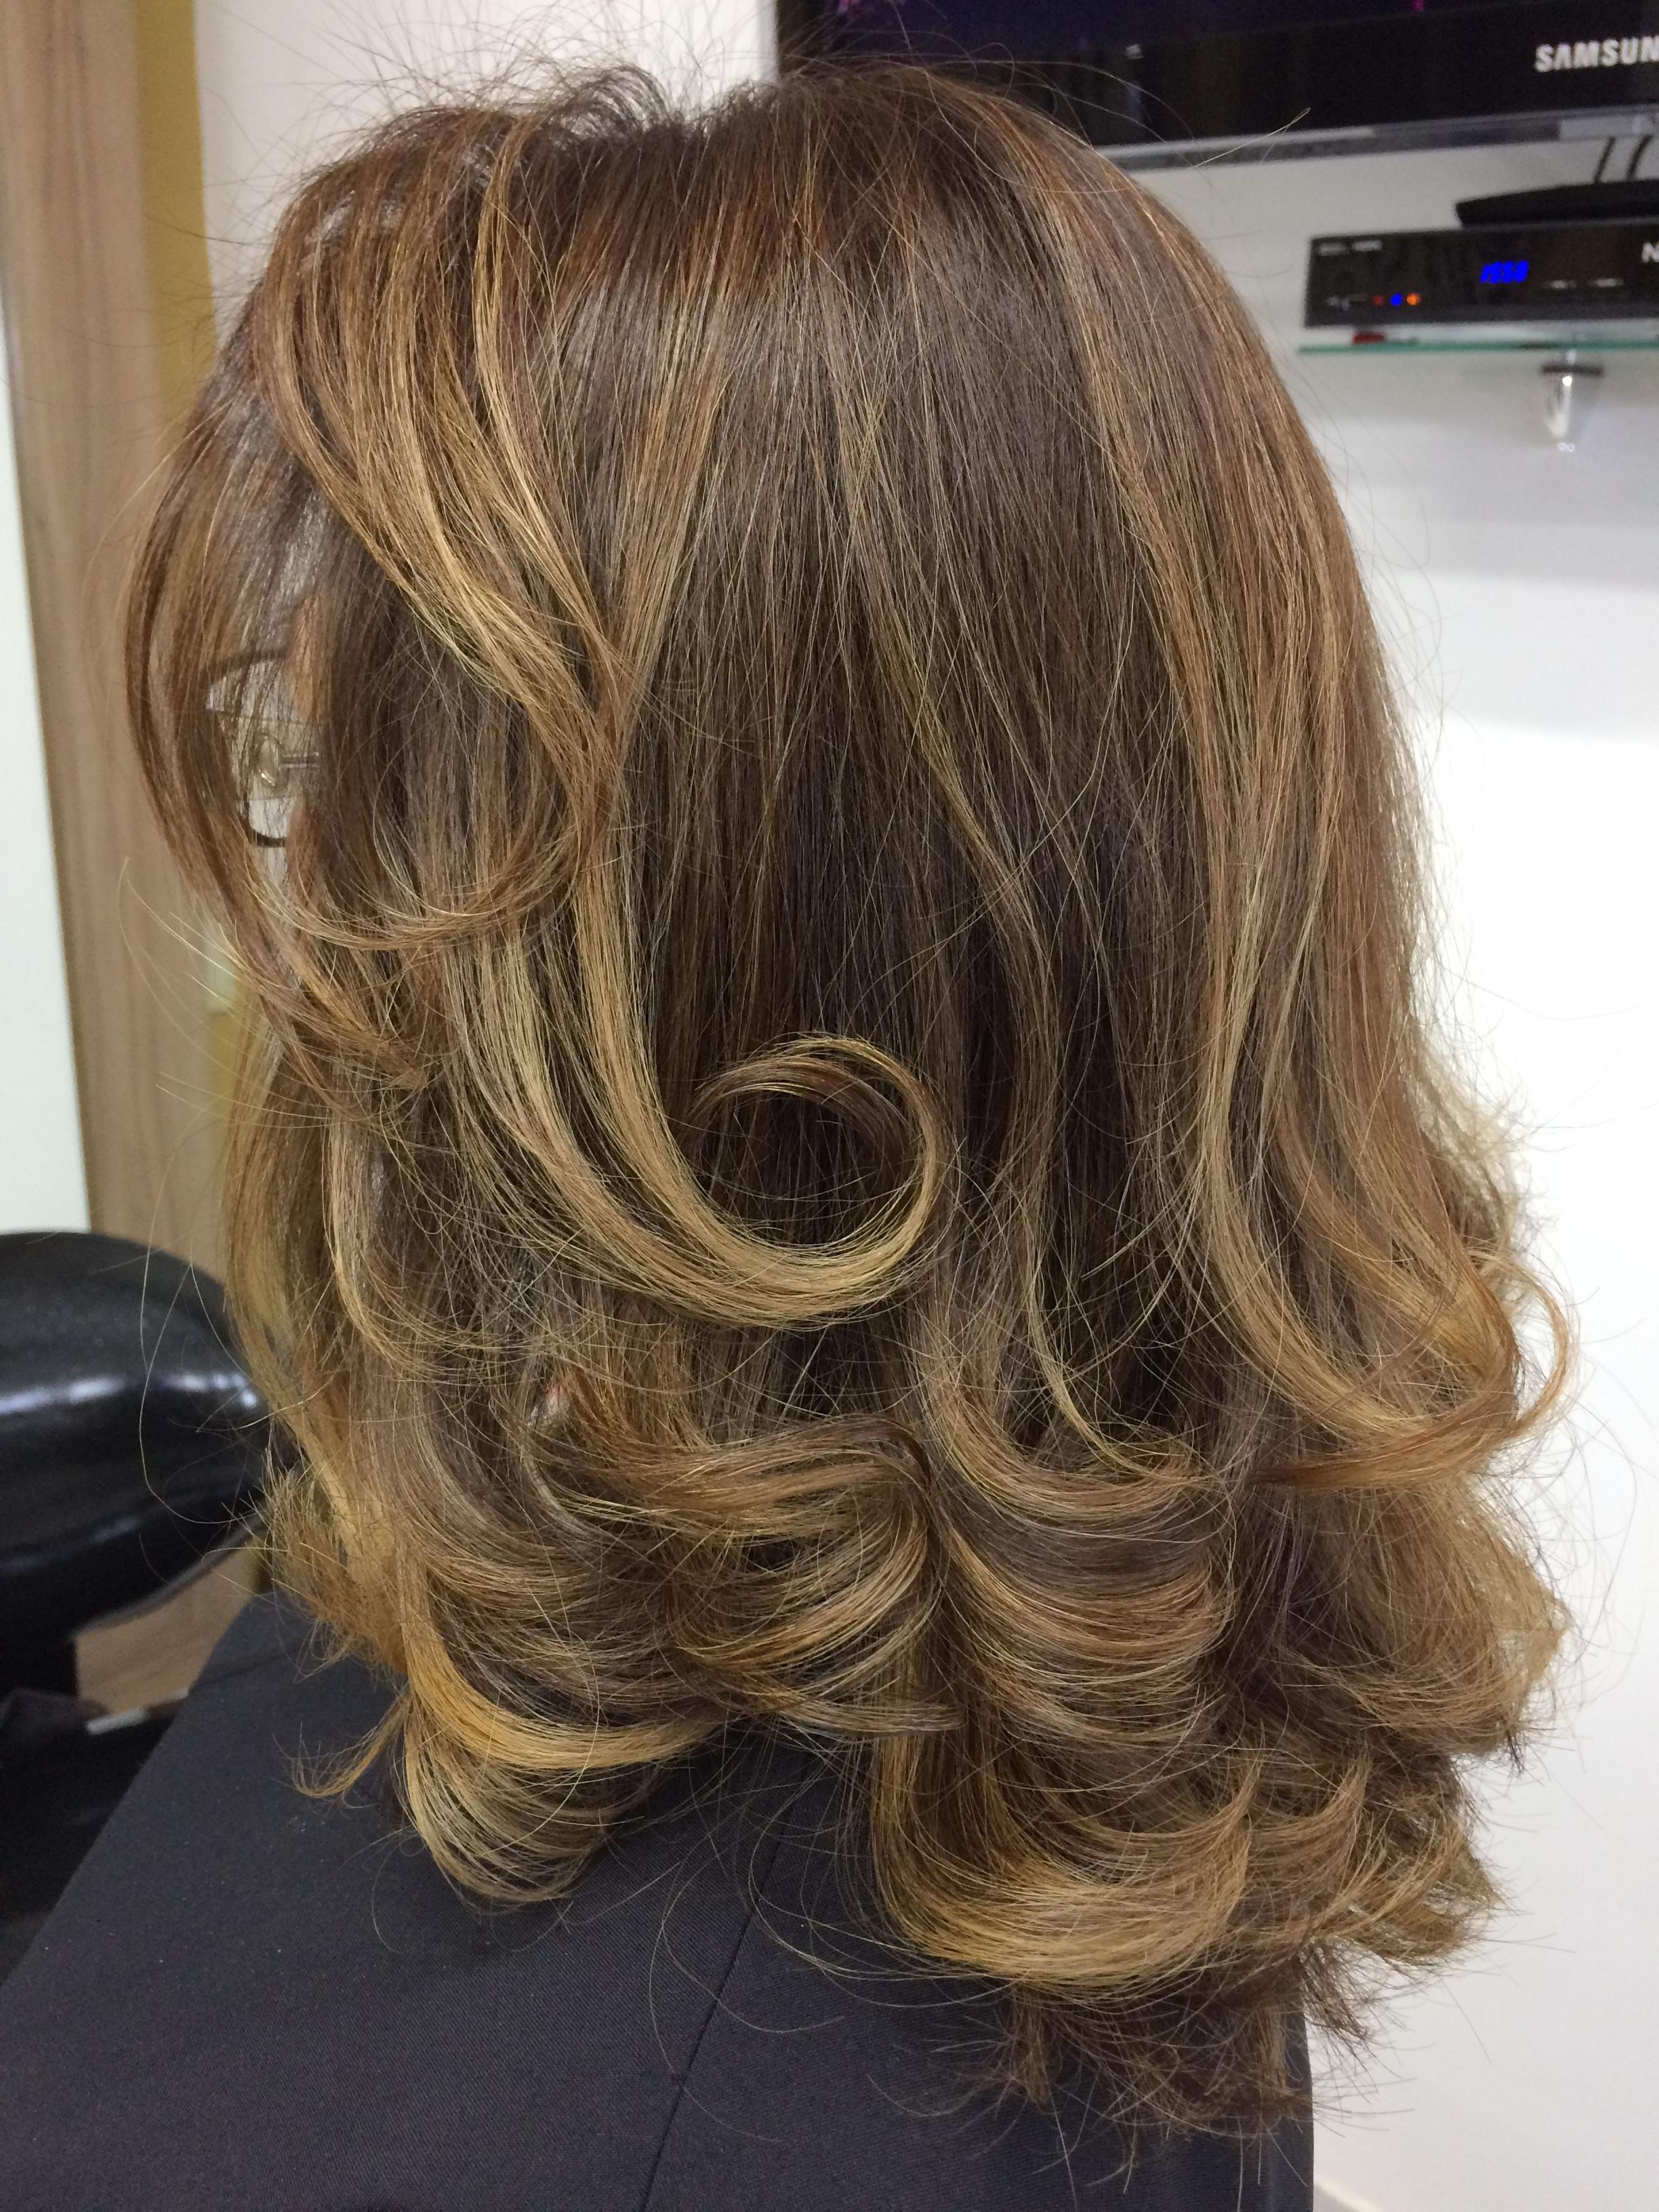 Trabalho de mechas em tom caramelo  cabelo auxiliar cabeleireiro(a)